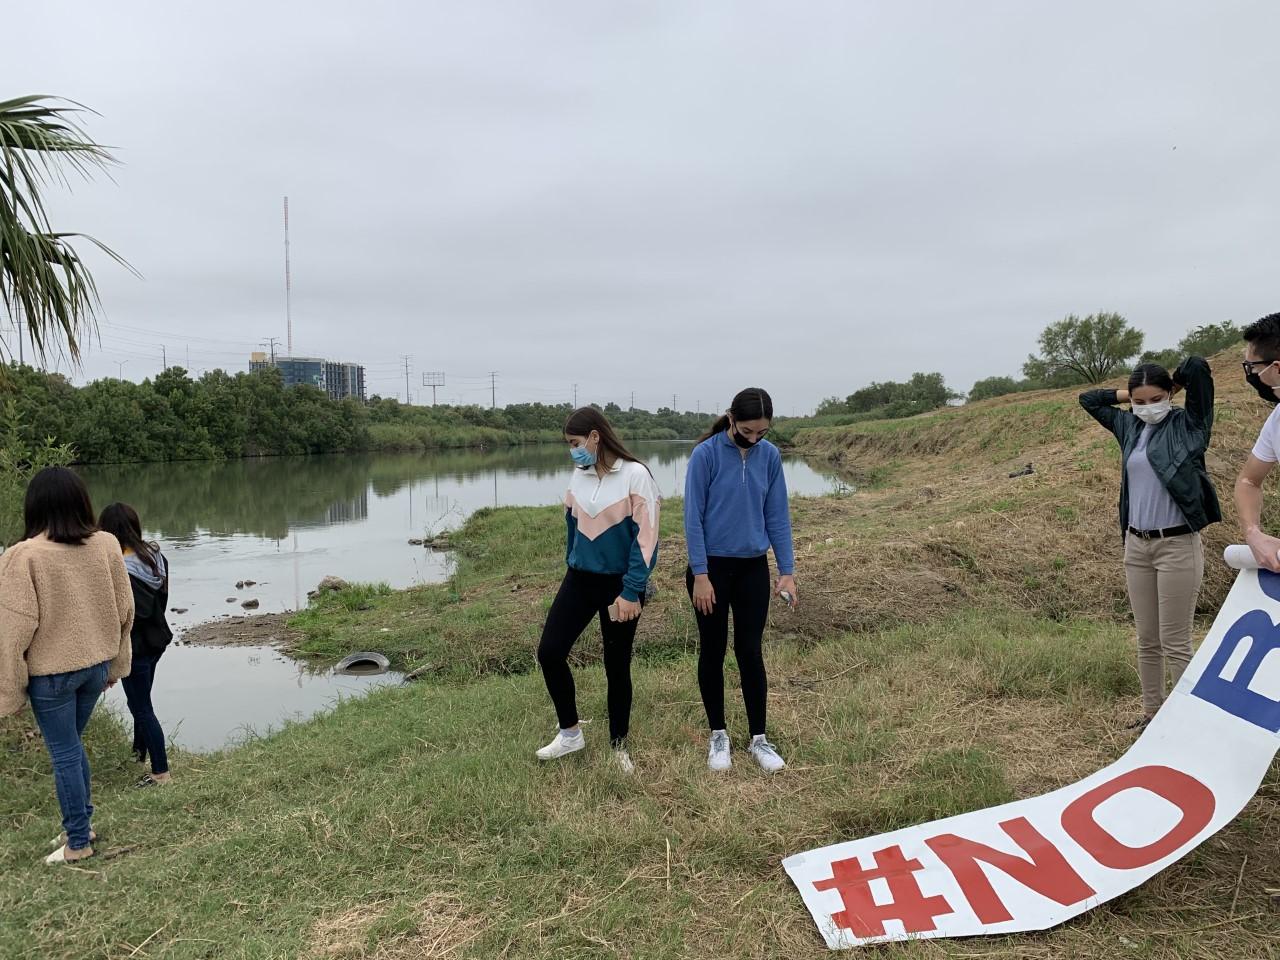 A un lado del Río Bravo contra Muro fronterizo